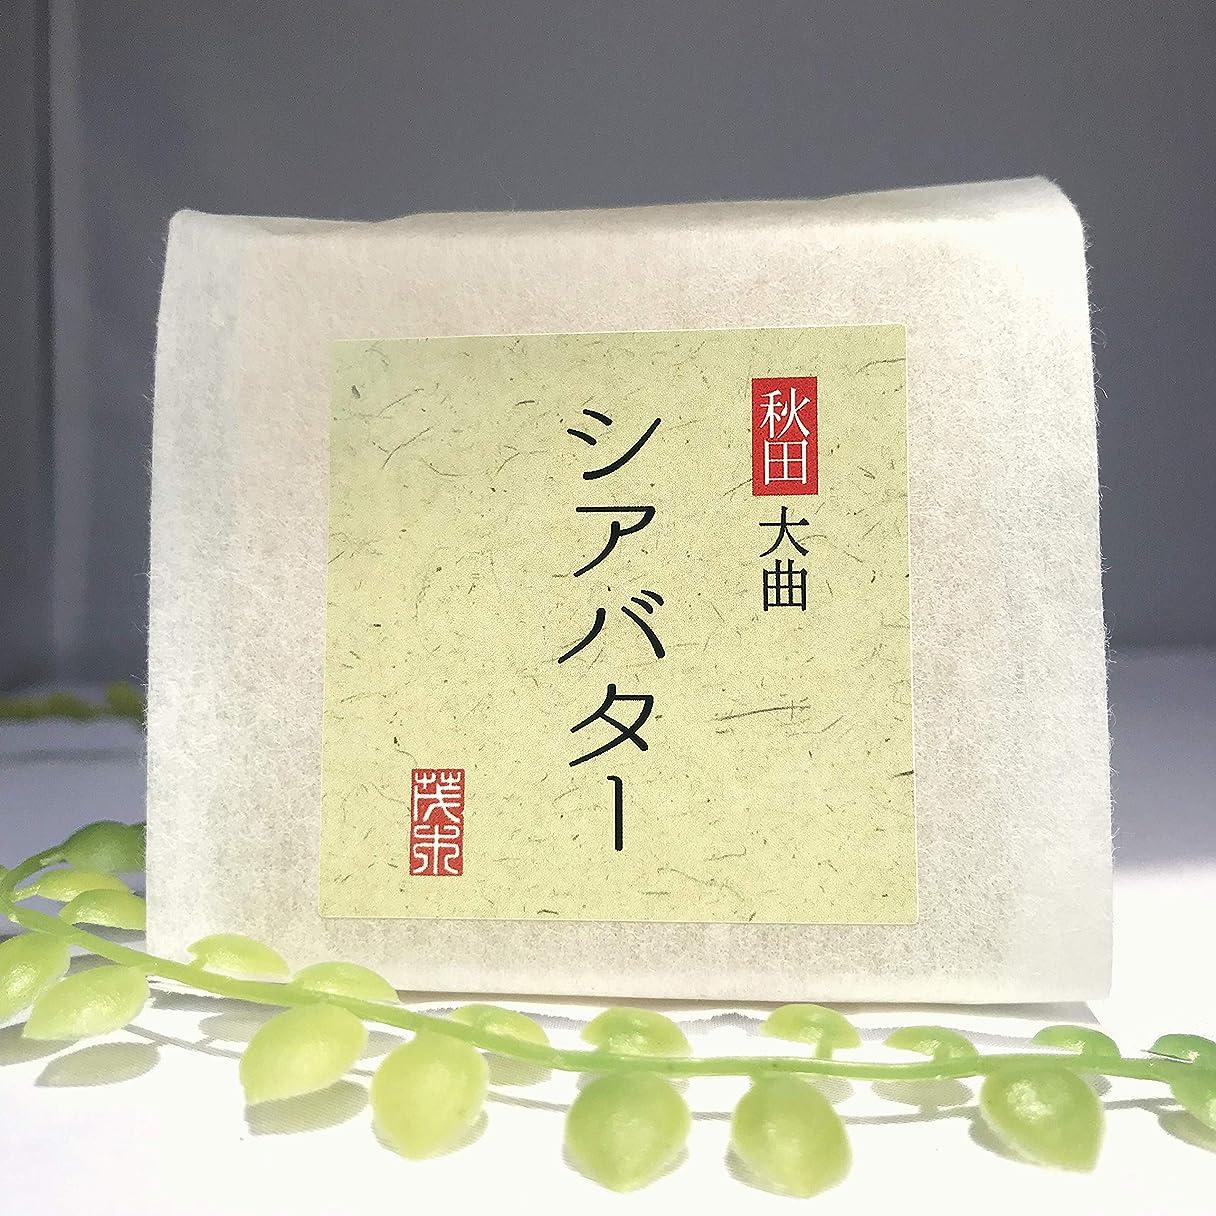 メルボルンバブル規制する無添加石鹸 シアバター石鹸 100g